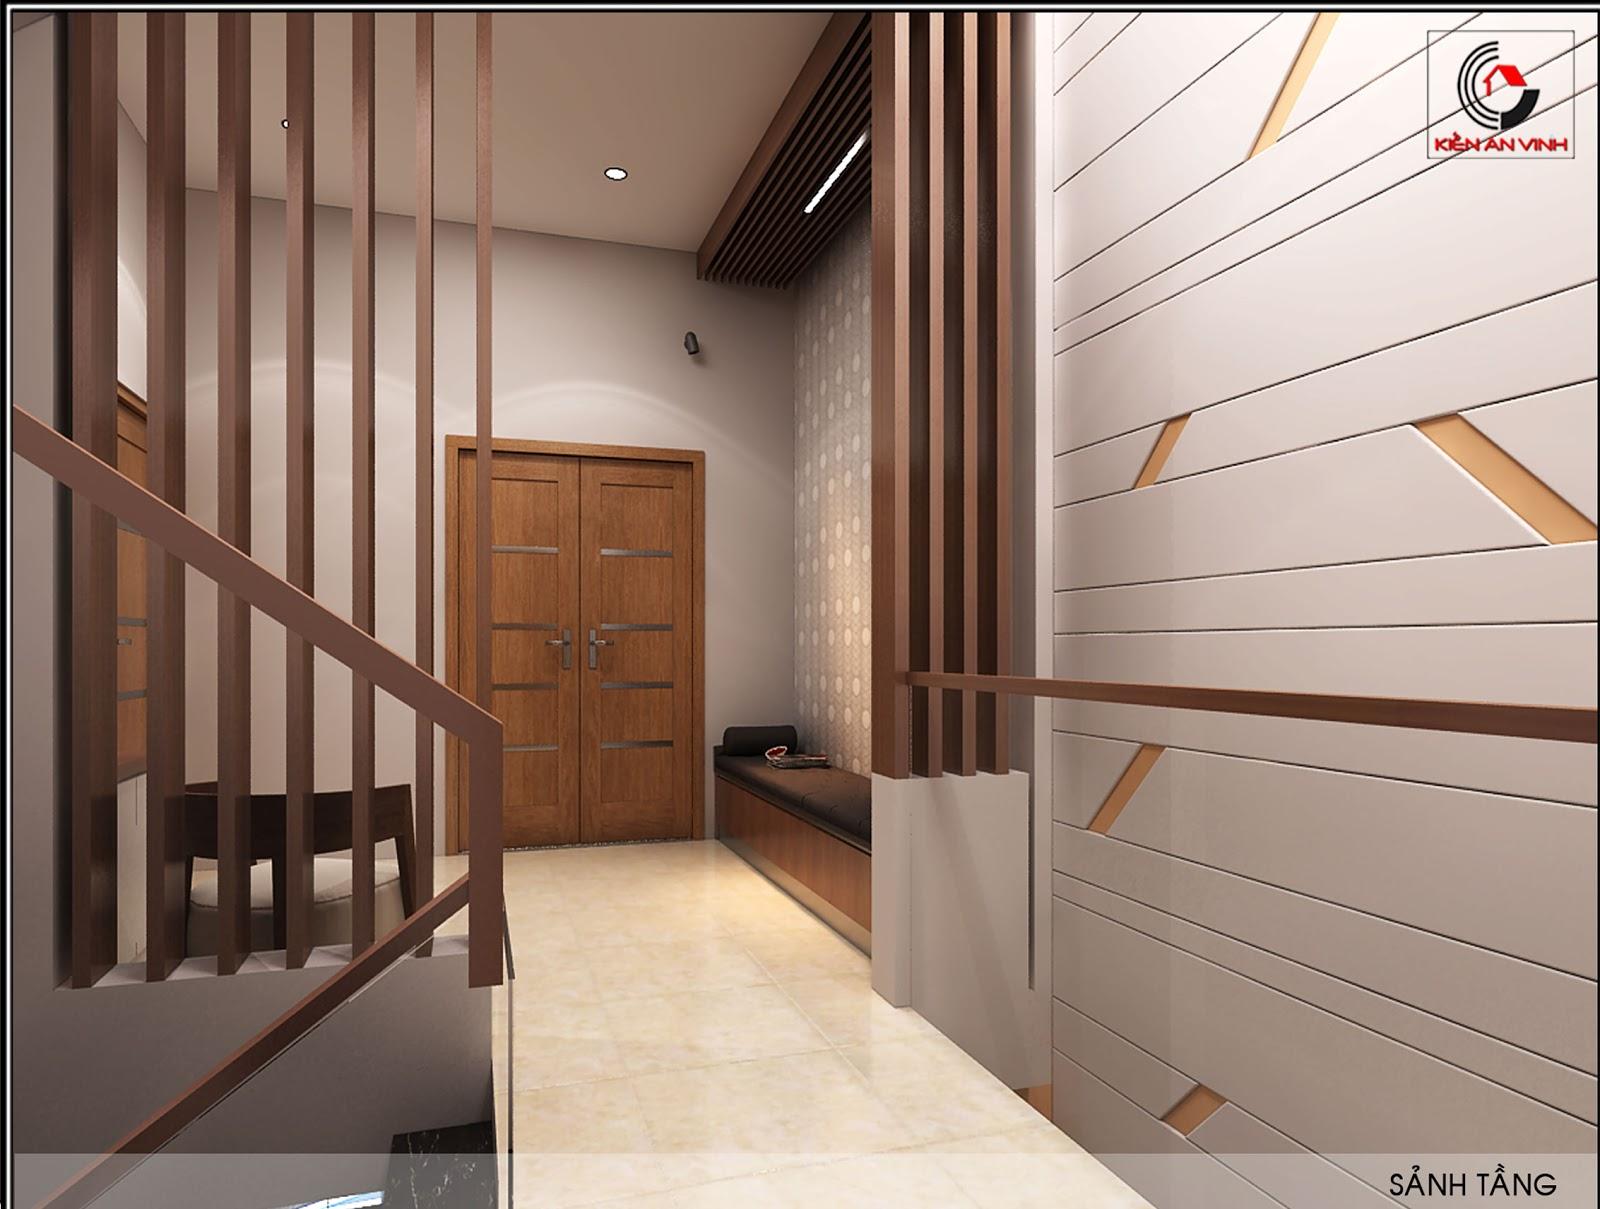 Mẫu thiết kế nhà ống 2 tầng diện tích 4x14 ở quê gia đình chị Lan Sanh-phong1